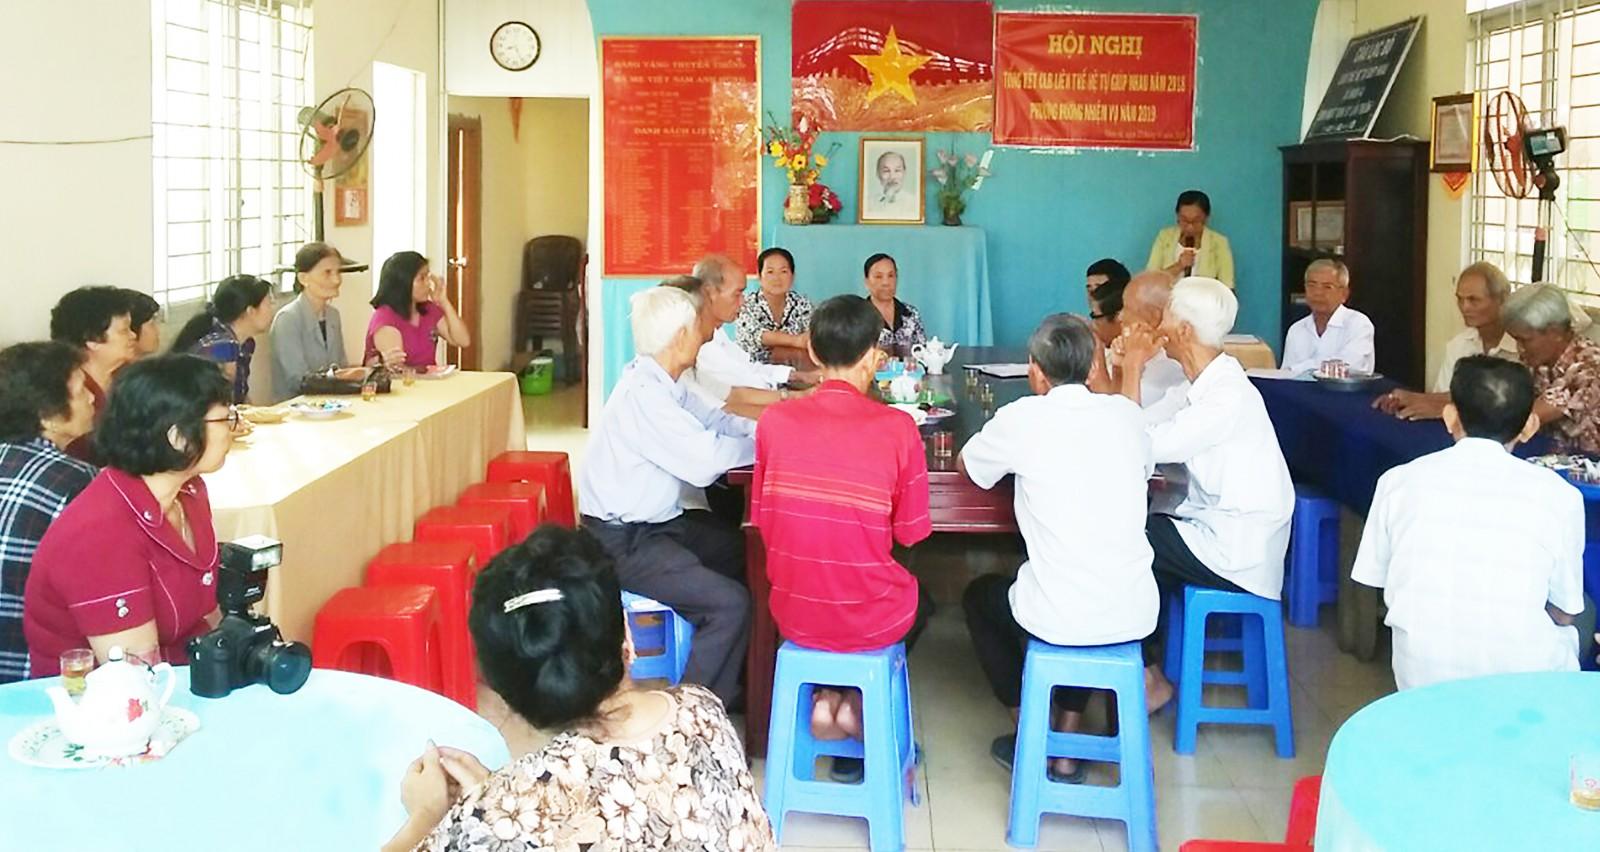 Buổi tư vấn, trợ giúp pháp lý lưu động ở huyện Phong Điền, giúp bà con nâng cao hiểu biết quy định pháp luật. Ảnh: CHẤN HƯNG